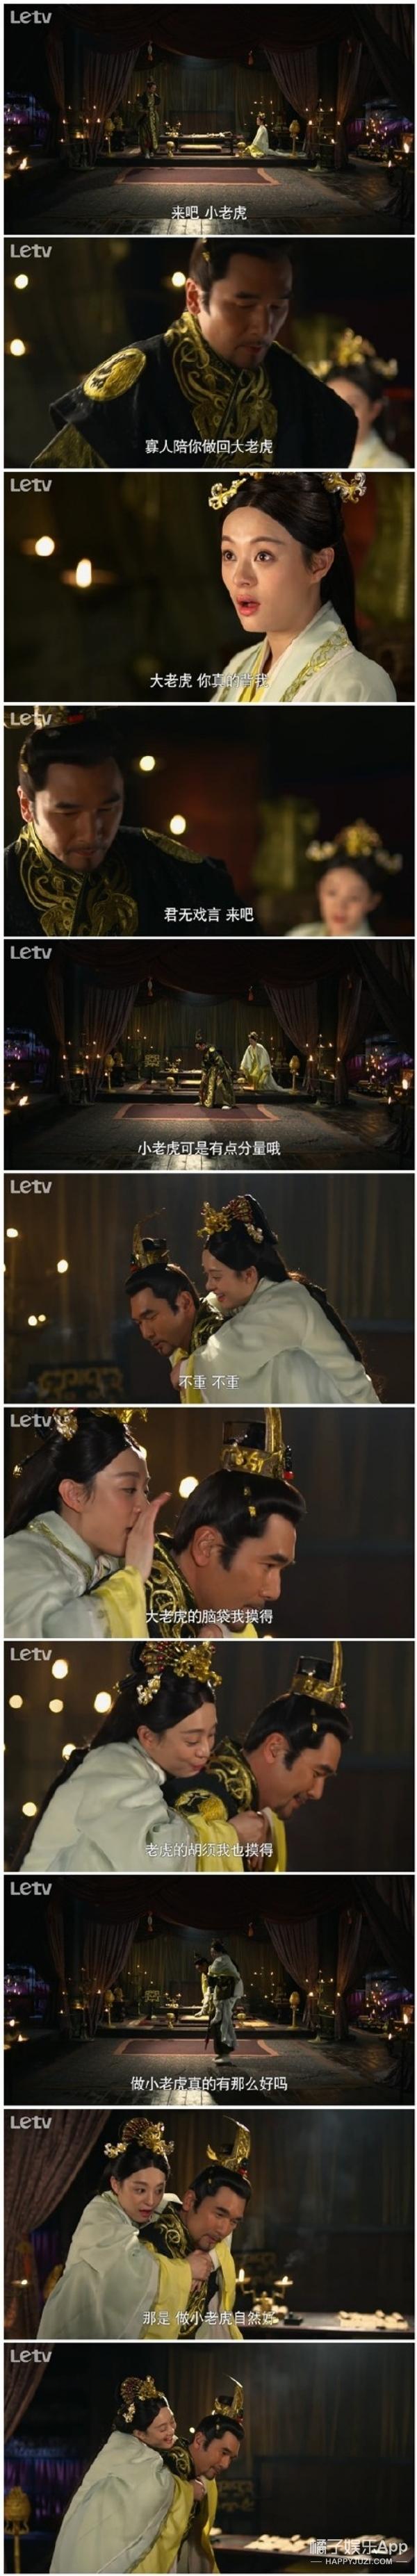 《芈月传》看到34集,发现秦王才是真正的心机boy!